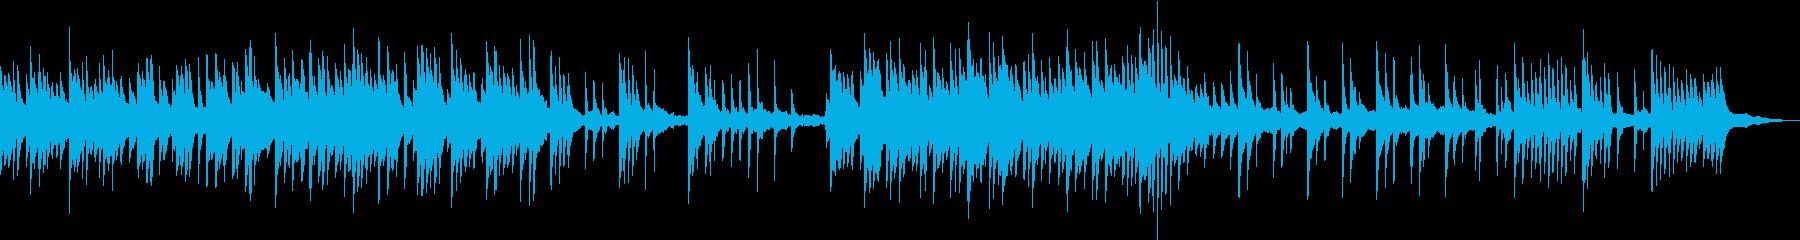 川の流れのように淡々としたピアノのBGMの再生済みの波形